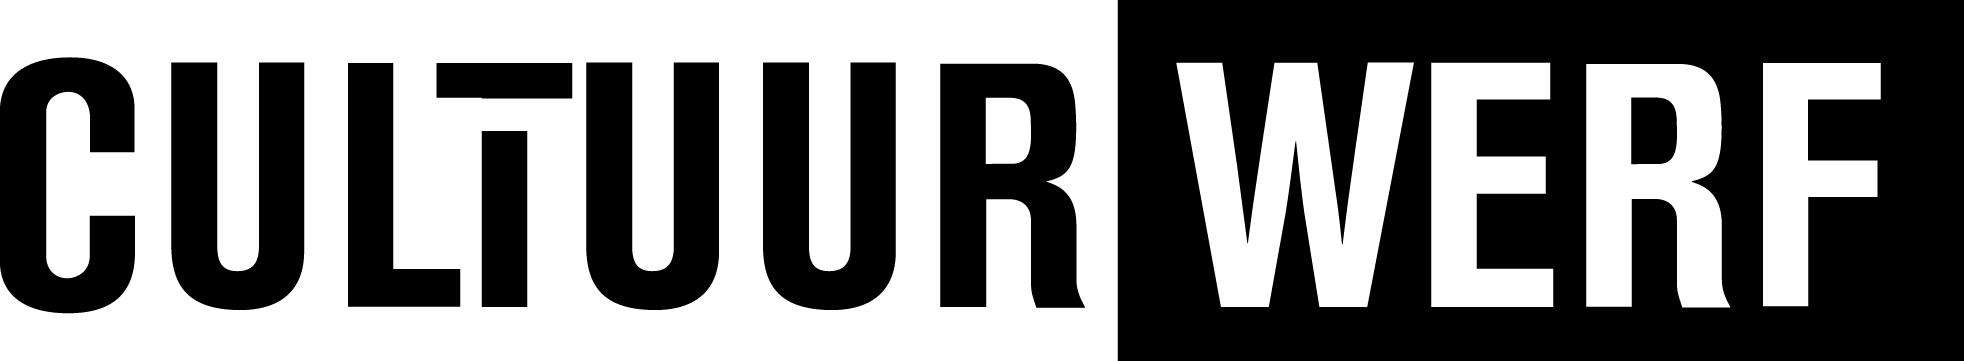 logo_cultuurwerf_zwart